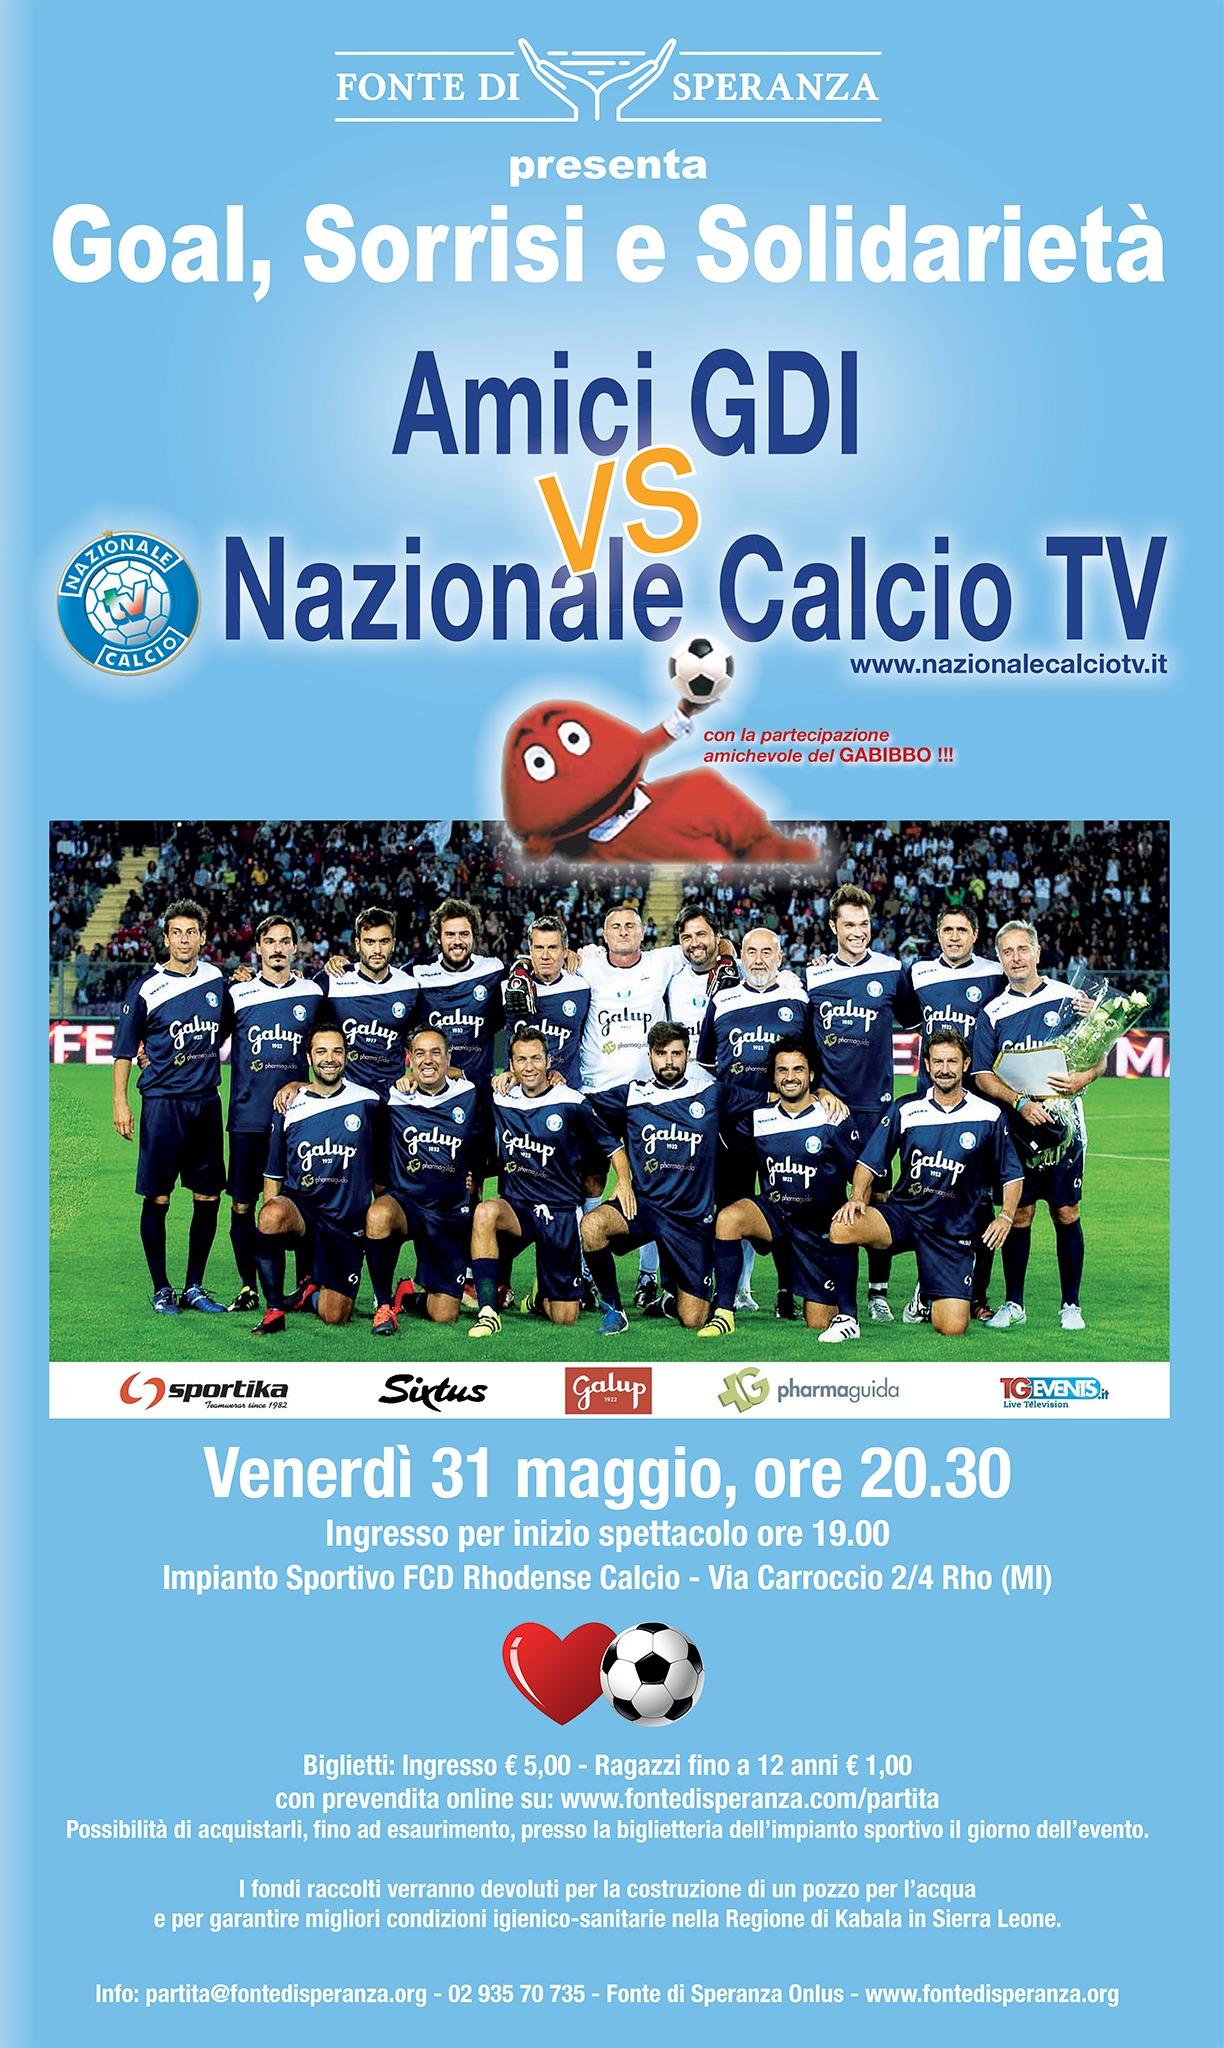 """Manifesto - """"Goal, Sorrisi, Solidarietà"""", Fonte di Speranza in campo con la Nazionale Calcio TV"""